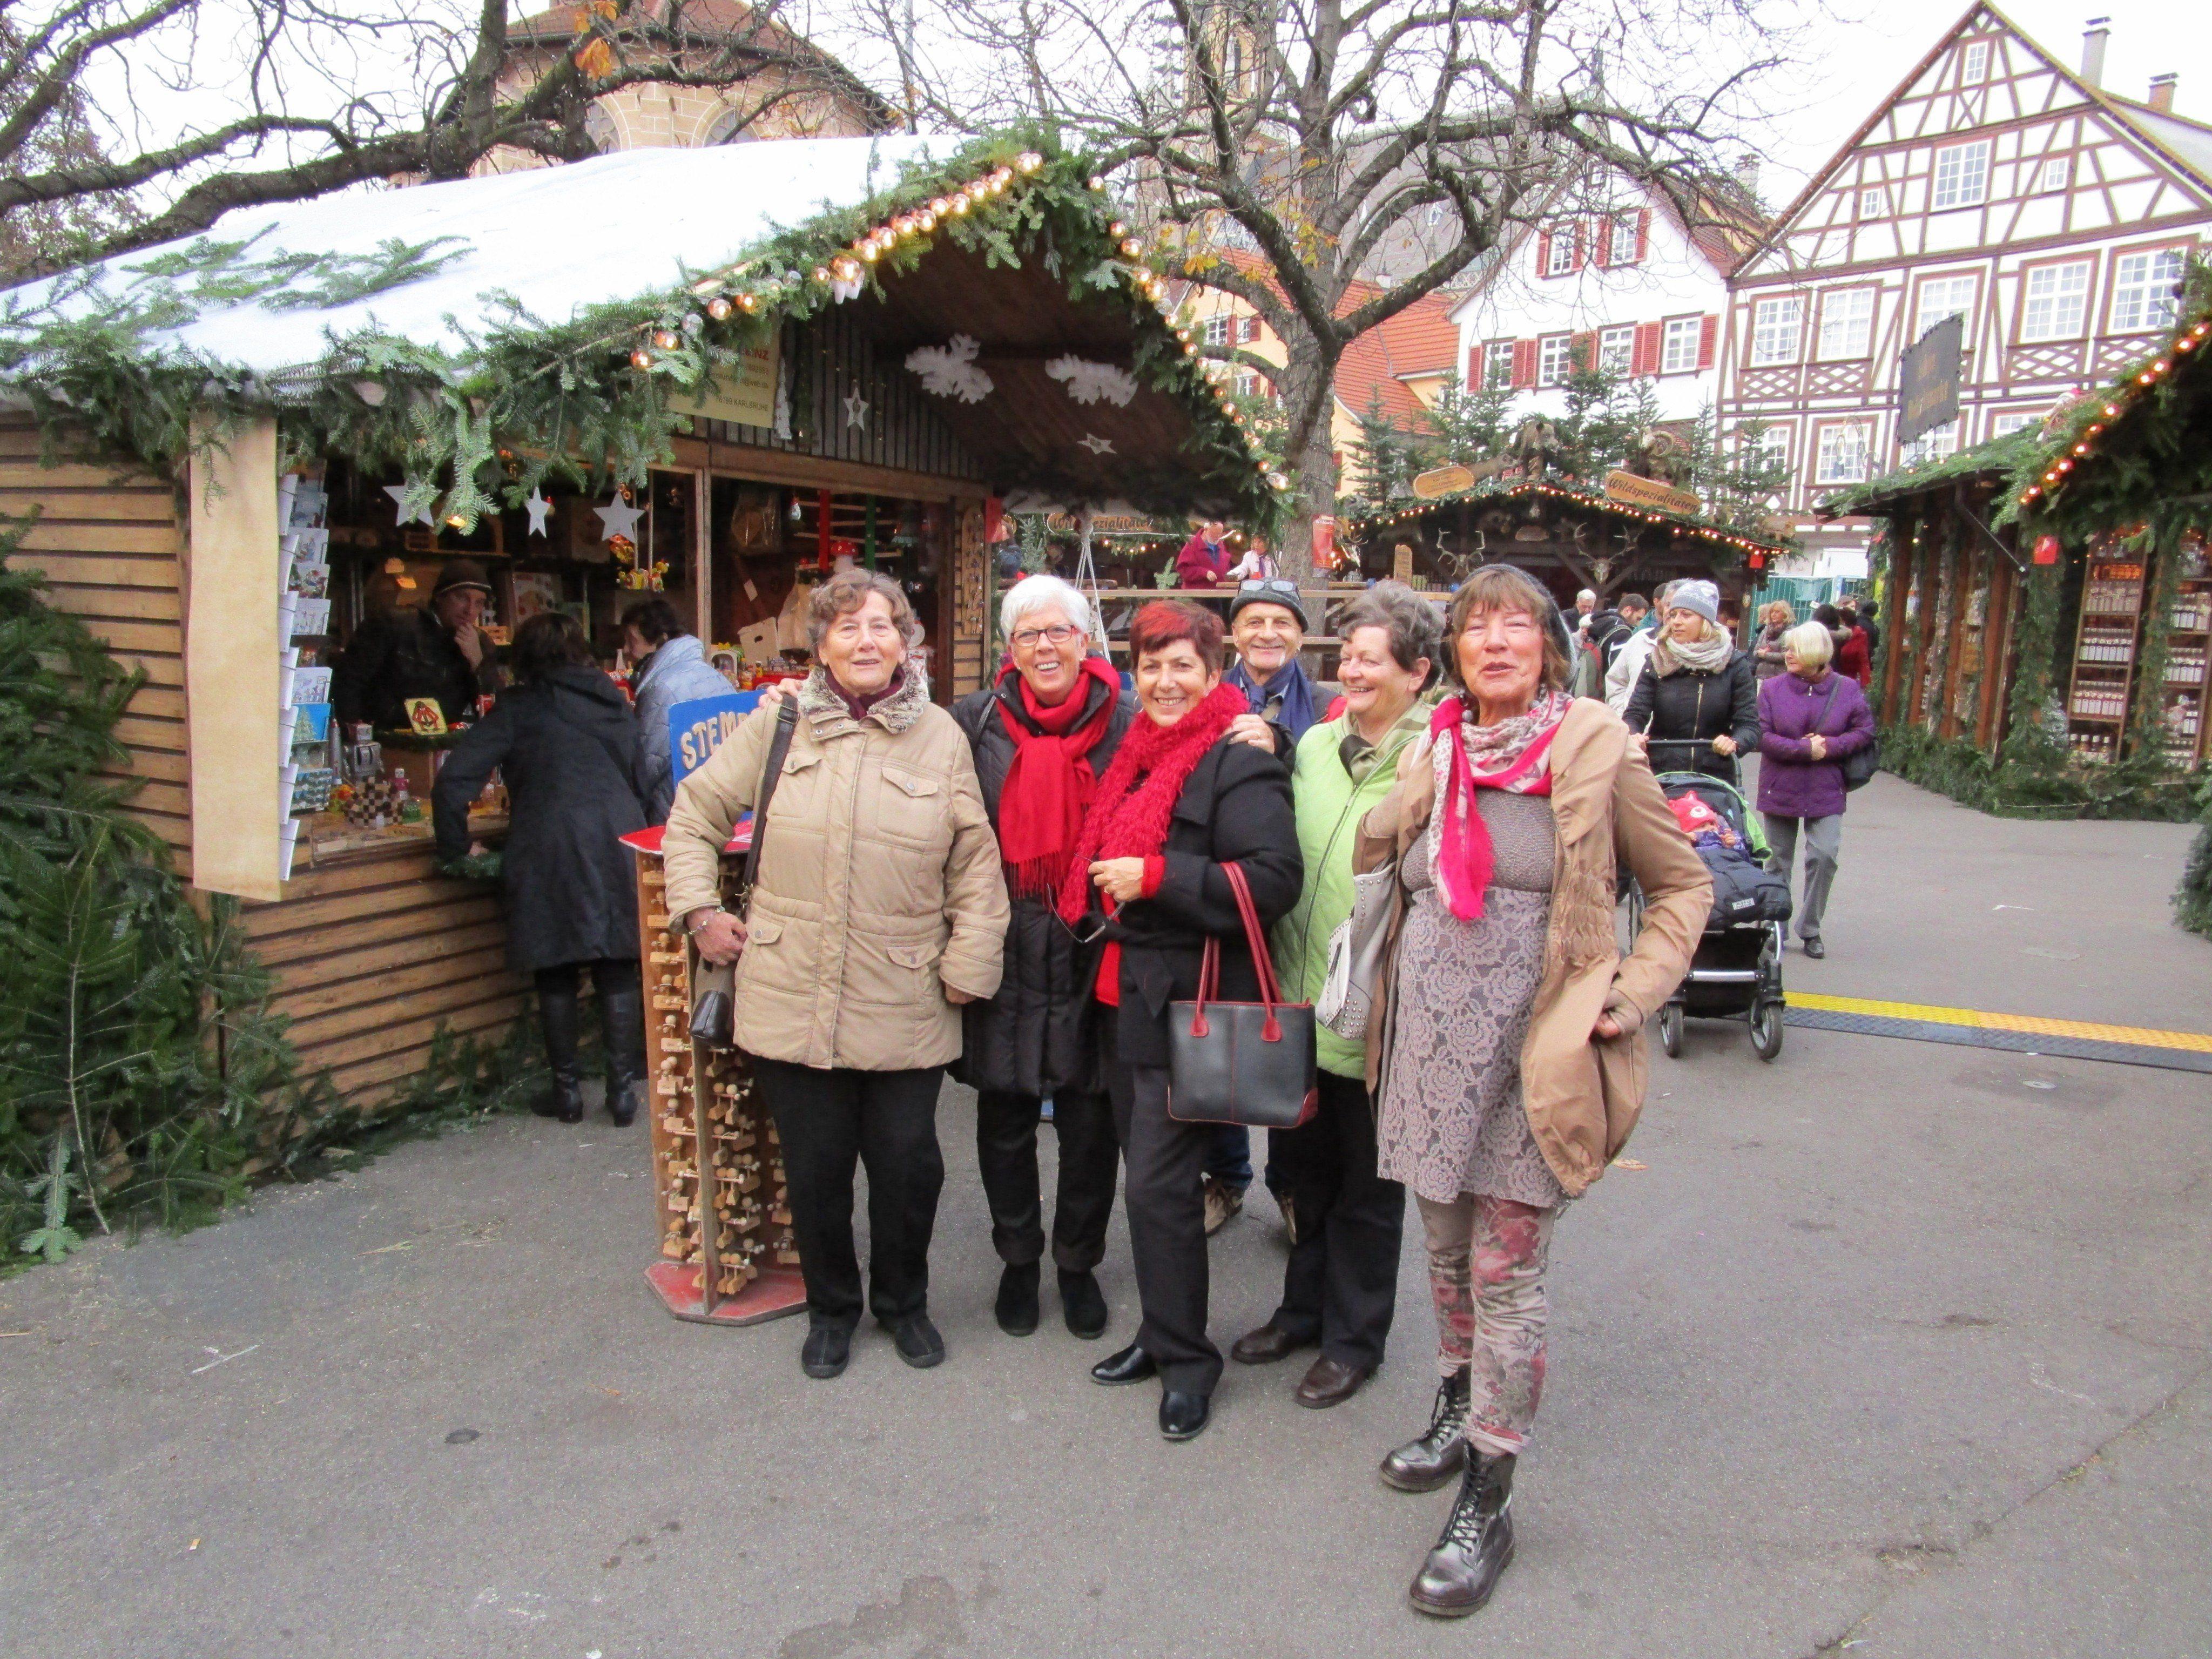 Seniorenring OG Bregenz beim Weihnachtsmarkt in Esslingen.